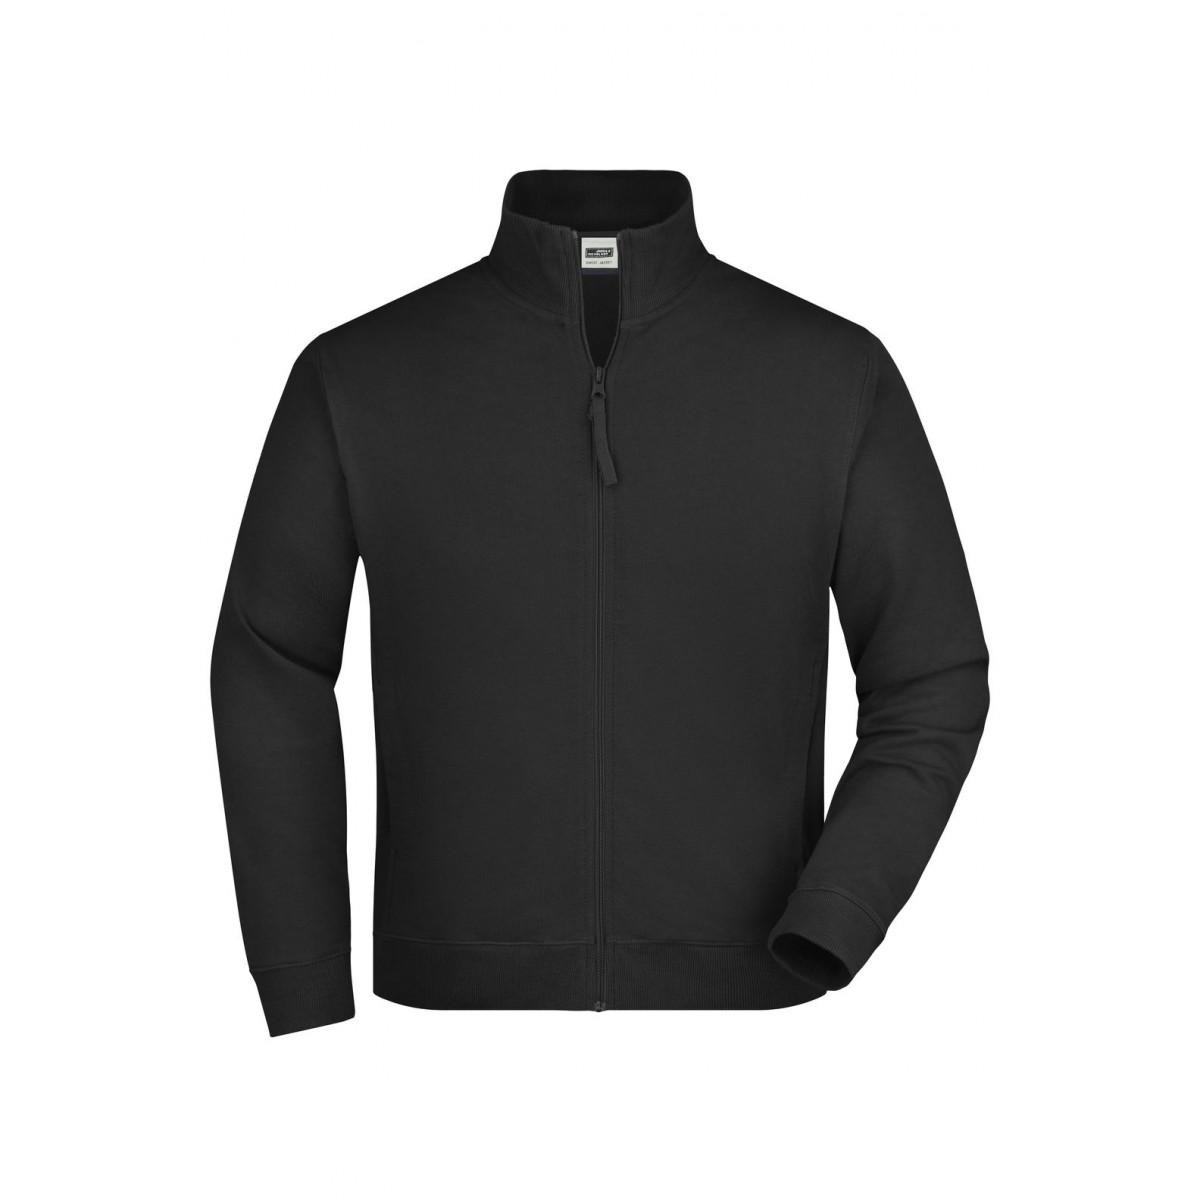 Толстовка мужская JN058 Sweat Jacket - Черный